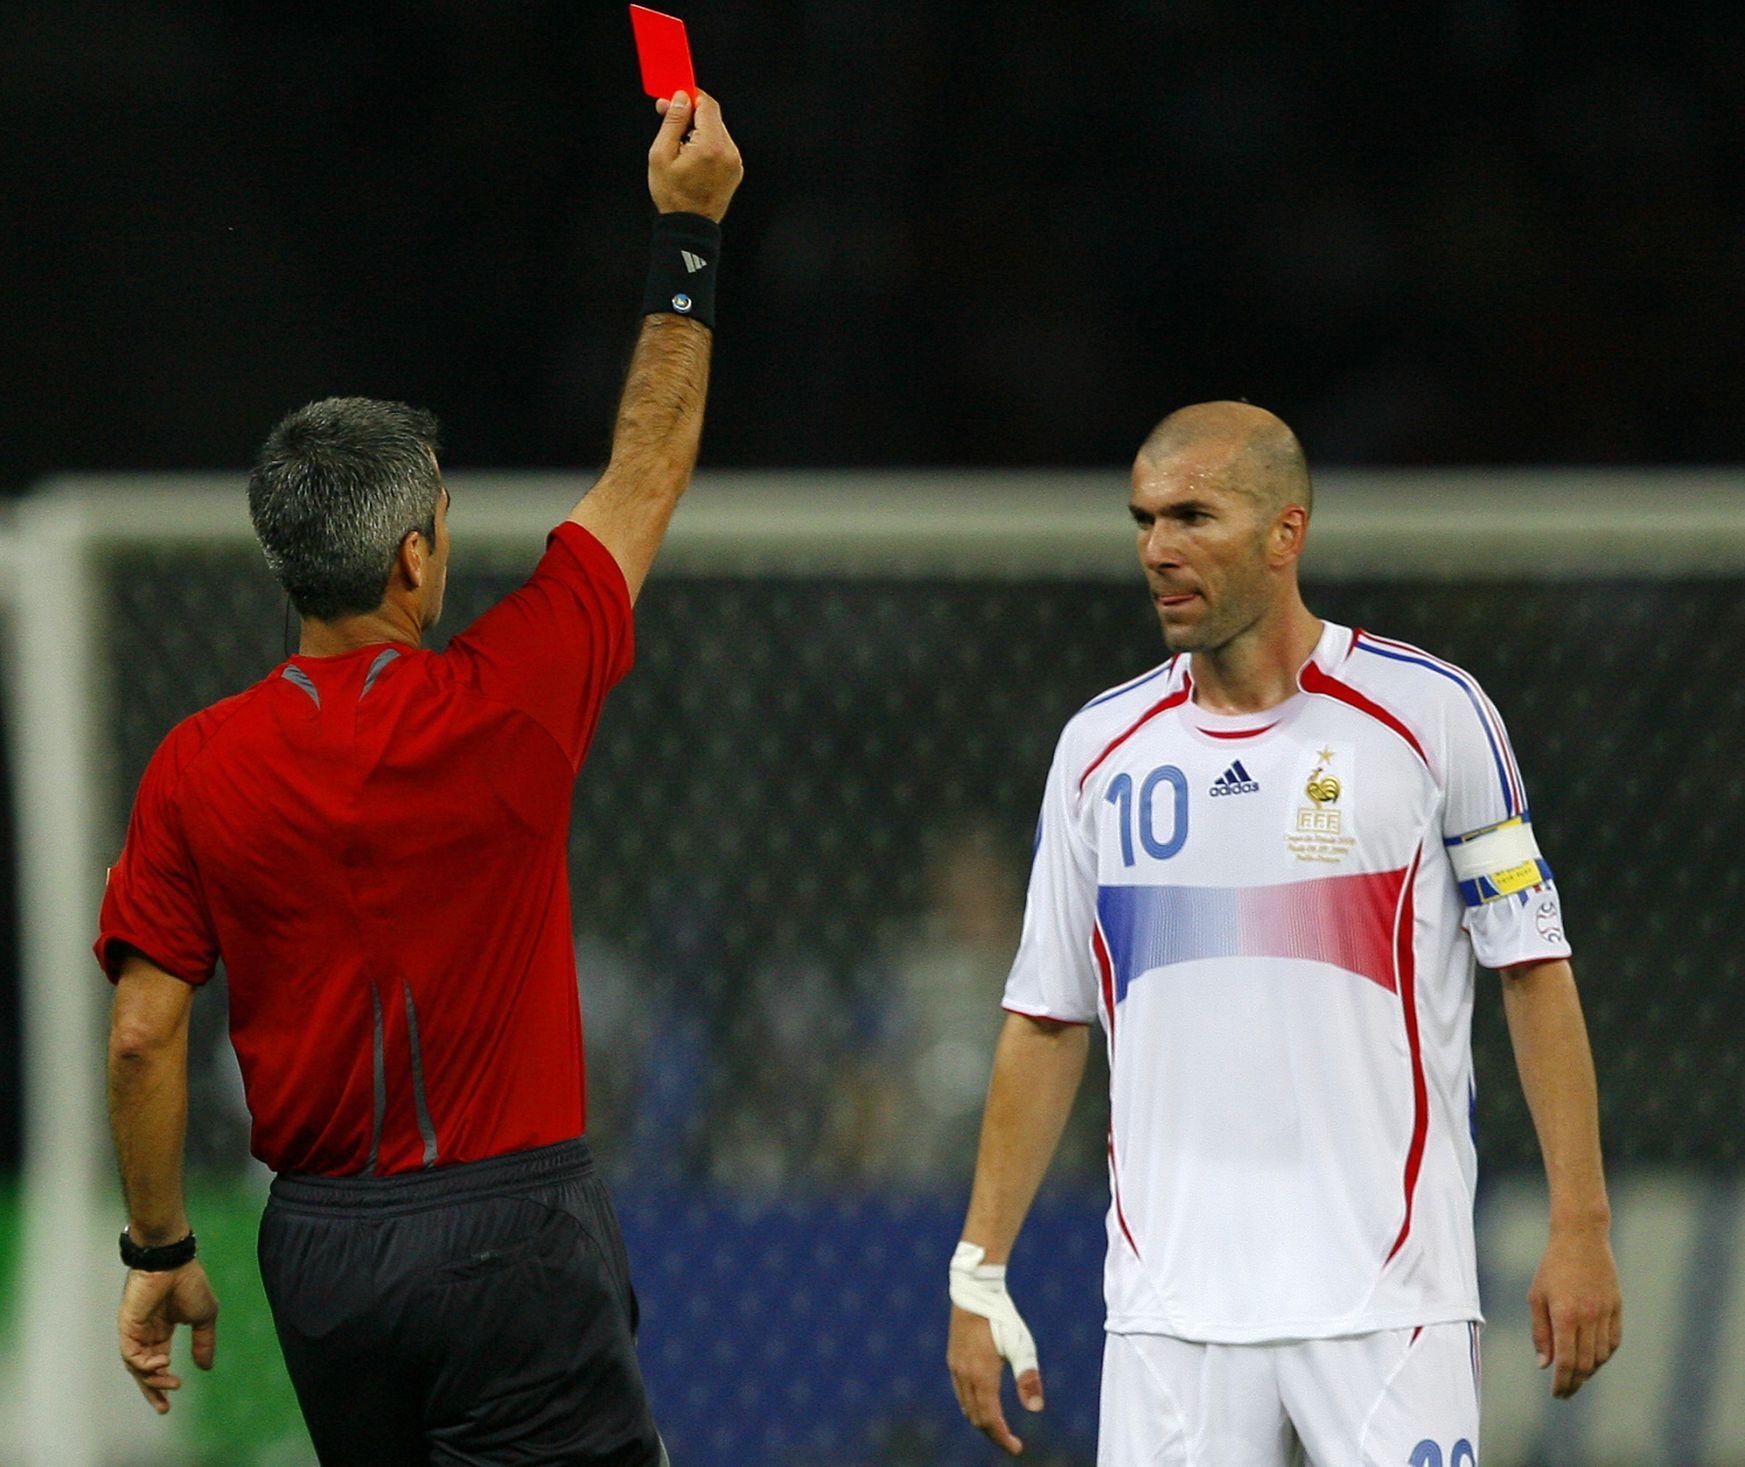 """Zinédine Zidane, nebo Eric Cantona? Tohle přetěžké dilema řešil Ferguson, když mu šéf skautingu United doporučil, aby z Bordeaux koupil dalšího Francouze, který udivoval skvělými kousky. Jenže Zidane hrál na stejném místě jako jeho legendární krajan. """"Alex říkal, že dokonce i sám Eric mu Zidana zmiňoval. Jenže Ferguson cítil, že kdyby Zidana přivedl, oslabil by Erikovu pozici,"""" prozradil bývalý prezident Rudých ďáblů Martin Edwards. A tak Ferguson zůstal loajální ke Cantonovi..."""